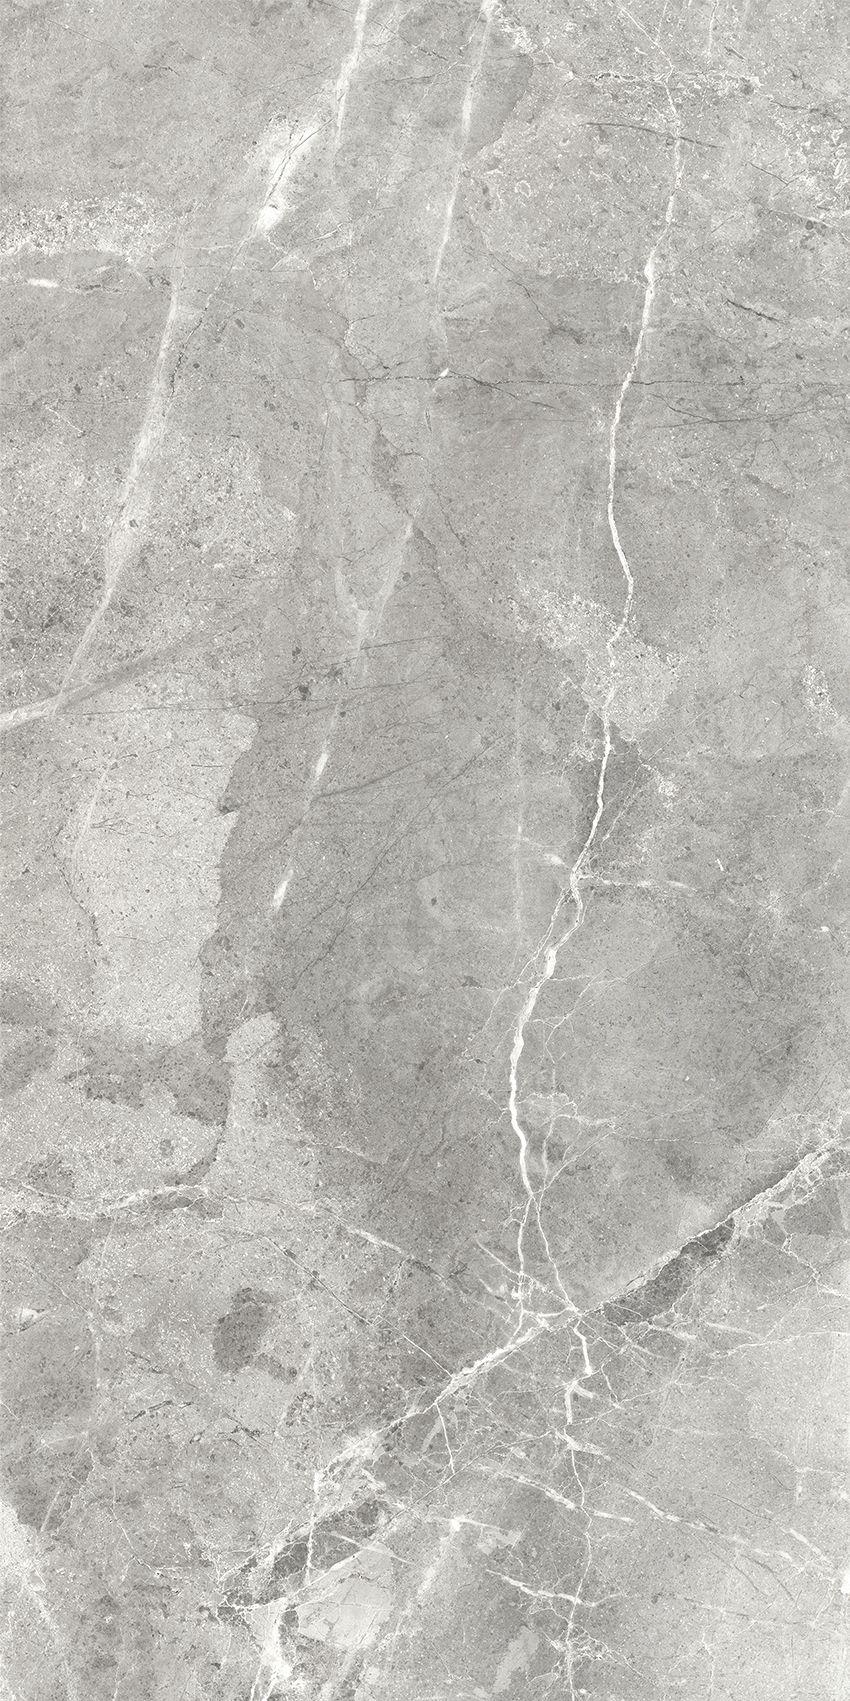 Regency Porcelain Tile Mica Www Anatoliatile Com Marble Texture Stone Texture Tiles Texture